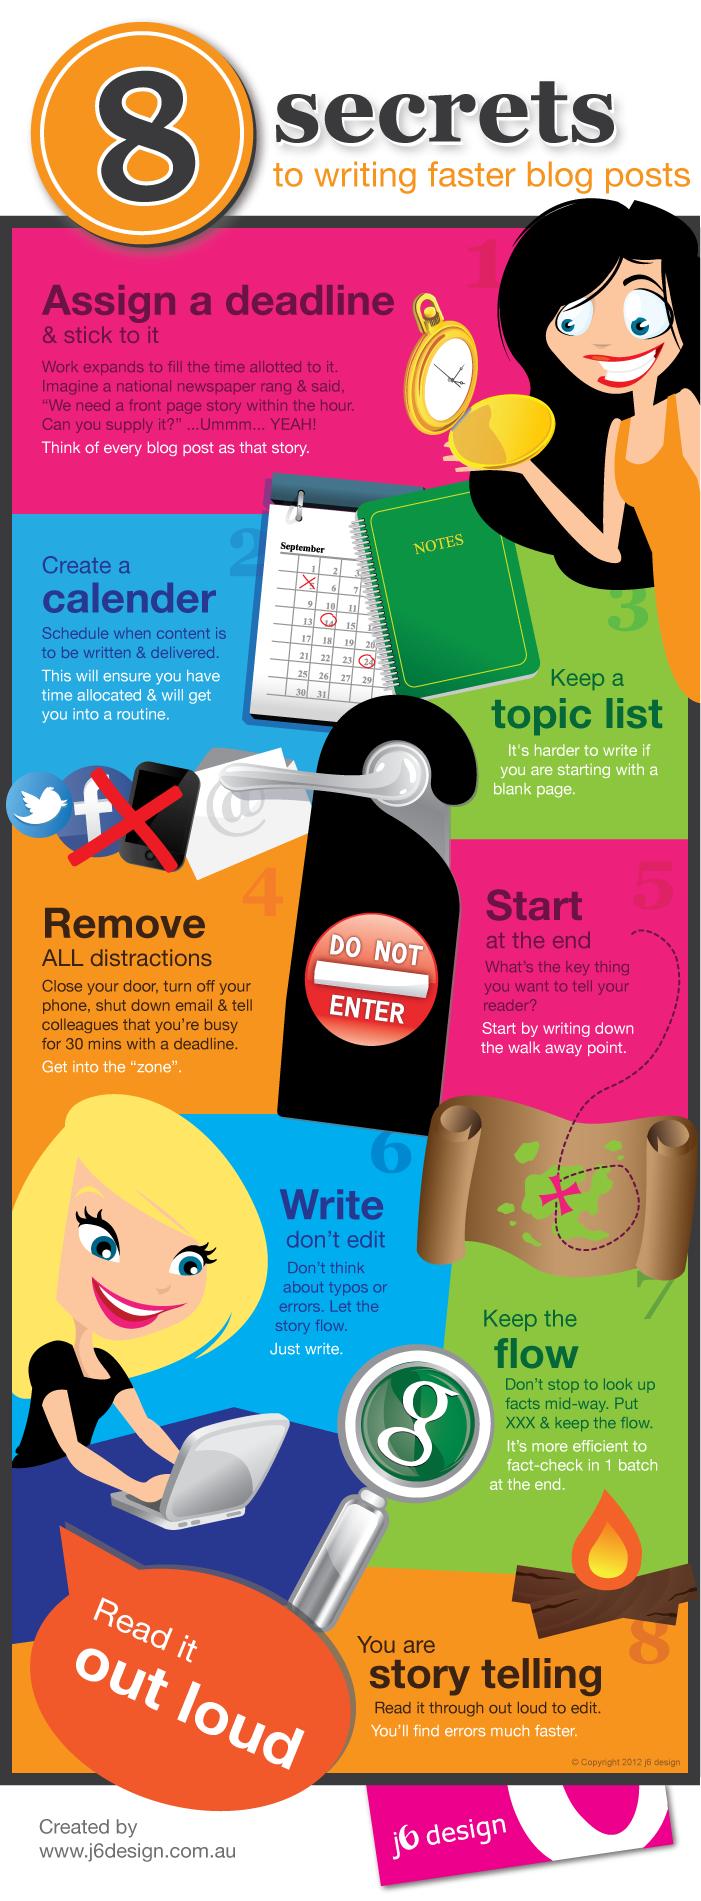 8 secrets to writing faster blog posts #infographic // 8 secretos para escribir post rápidamente #infografia (repinned by @ricardollera)